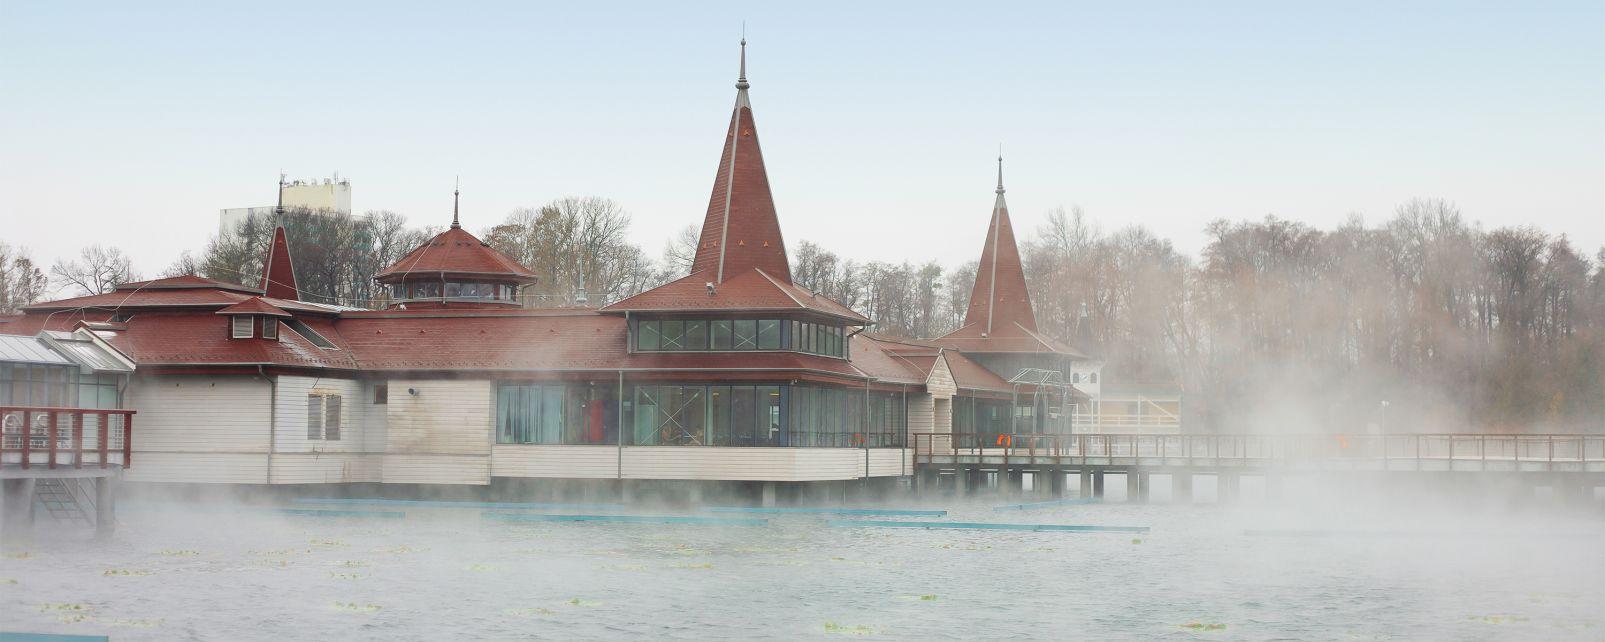 Hungría occidental, Los balnearios termales del oeste, Los balnearios, Hungría